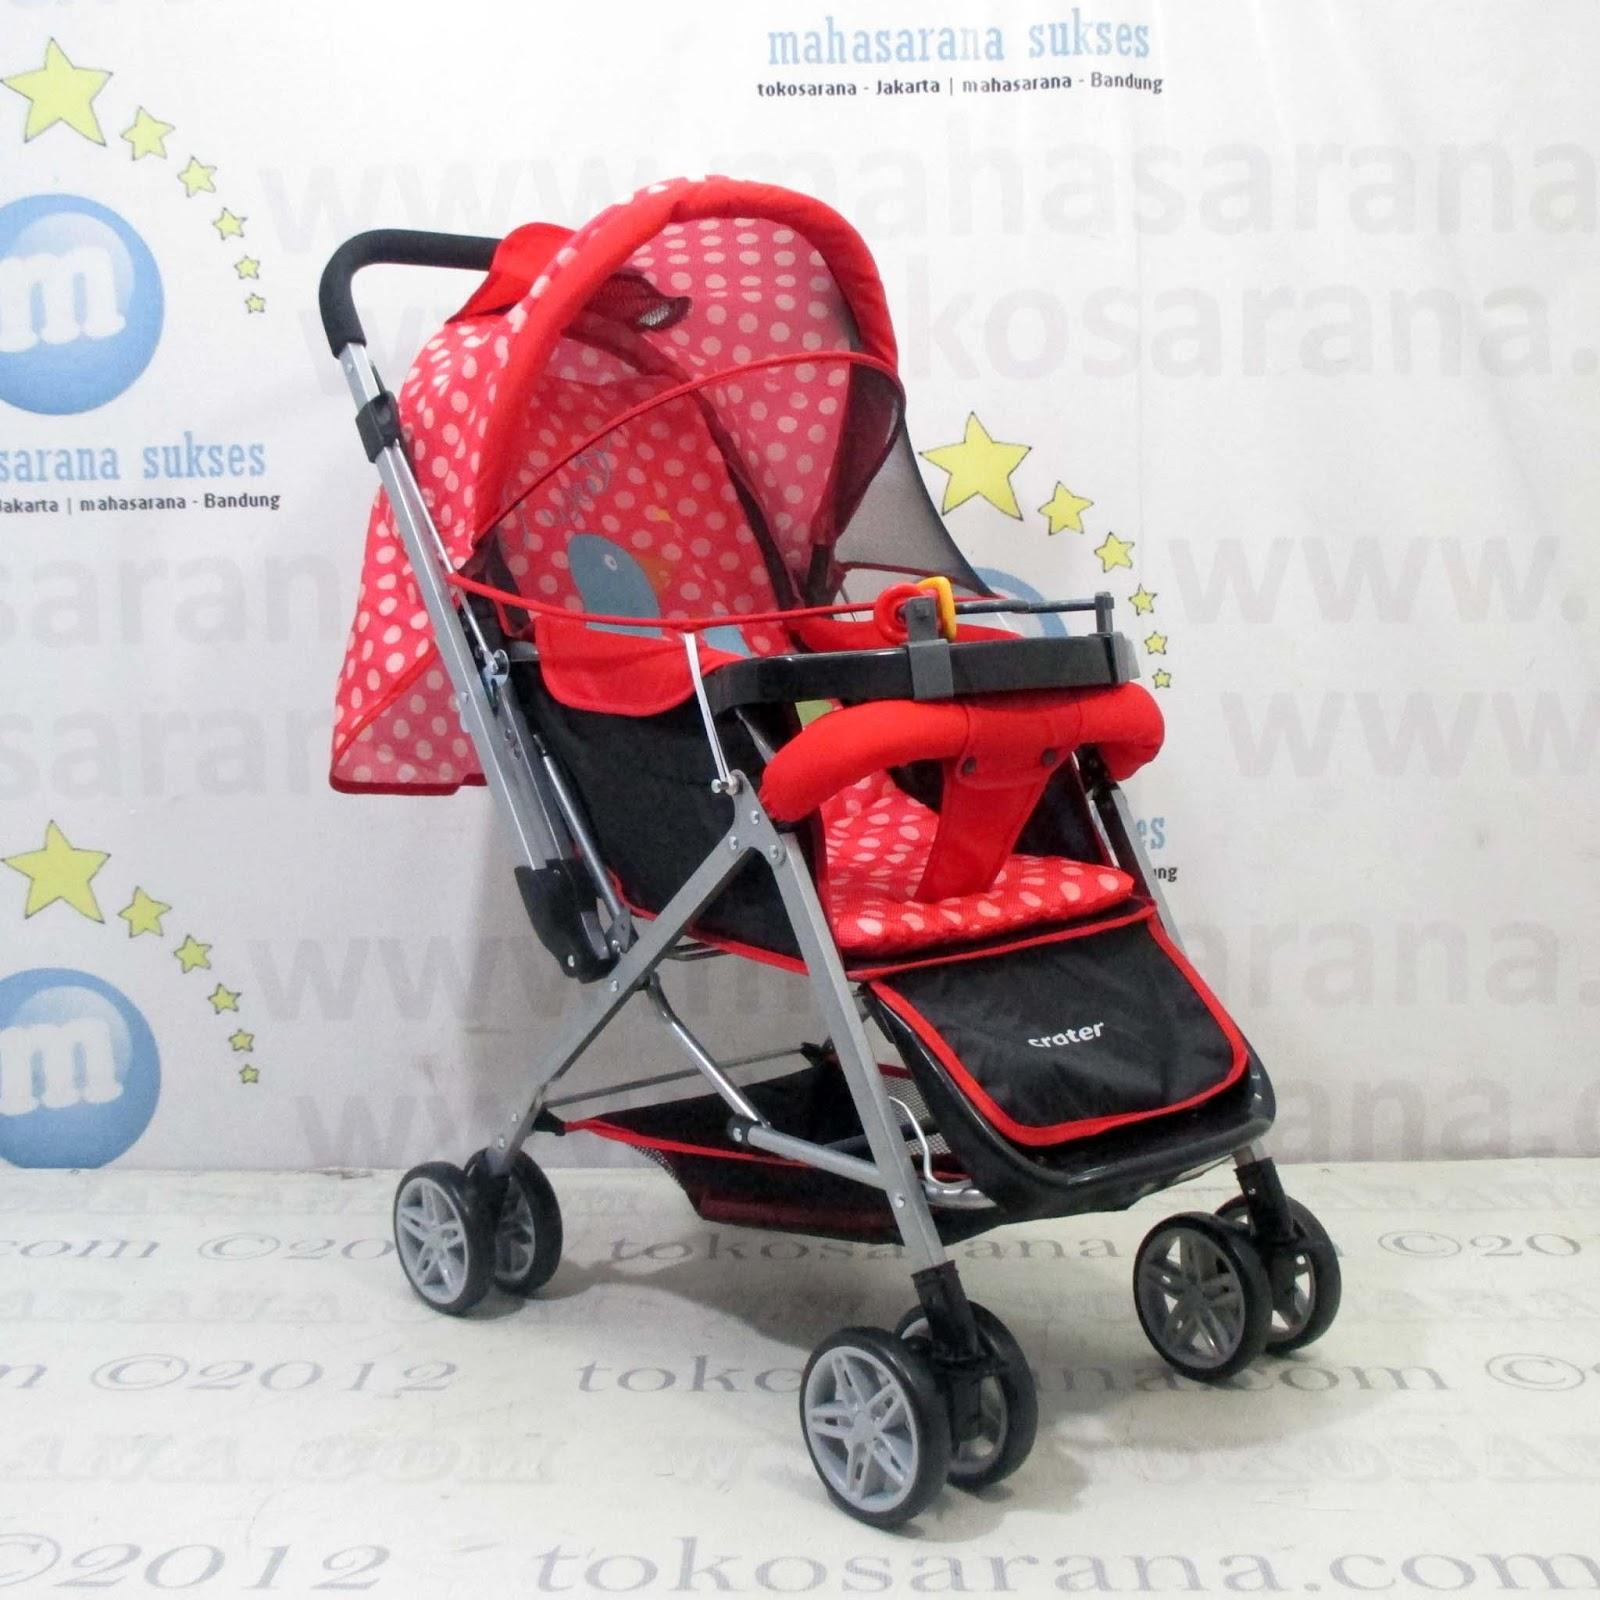 Swing Chair Mudah Small Foldable Tokosaranajakarta Mahasarana Suksesbandung Kereta